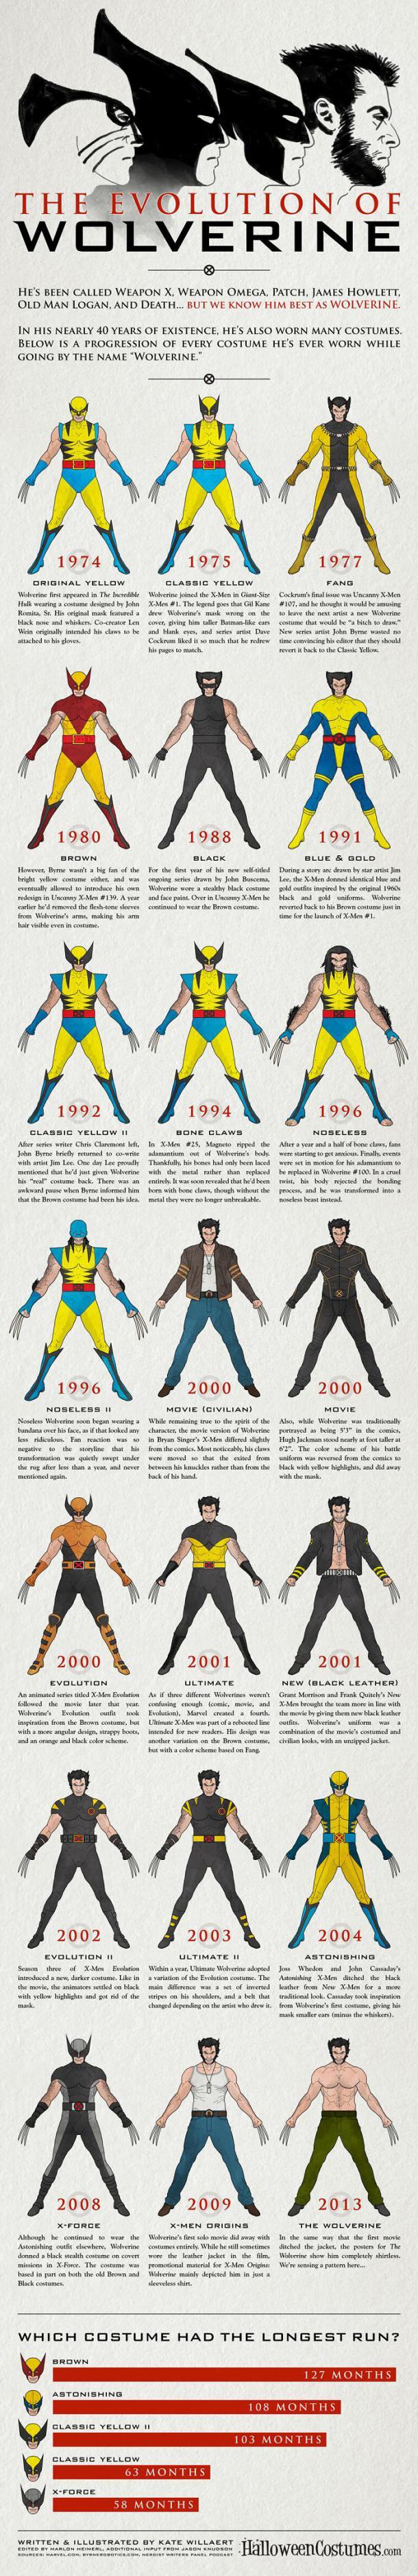 La evolución de Wolverine.